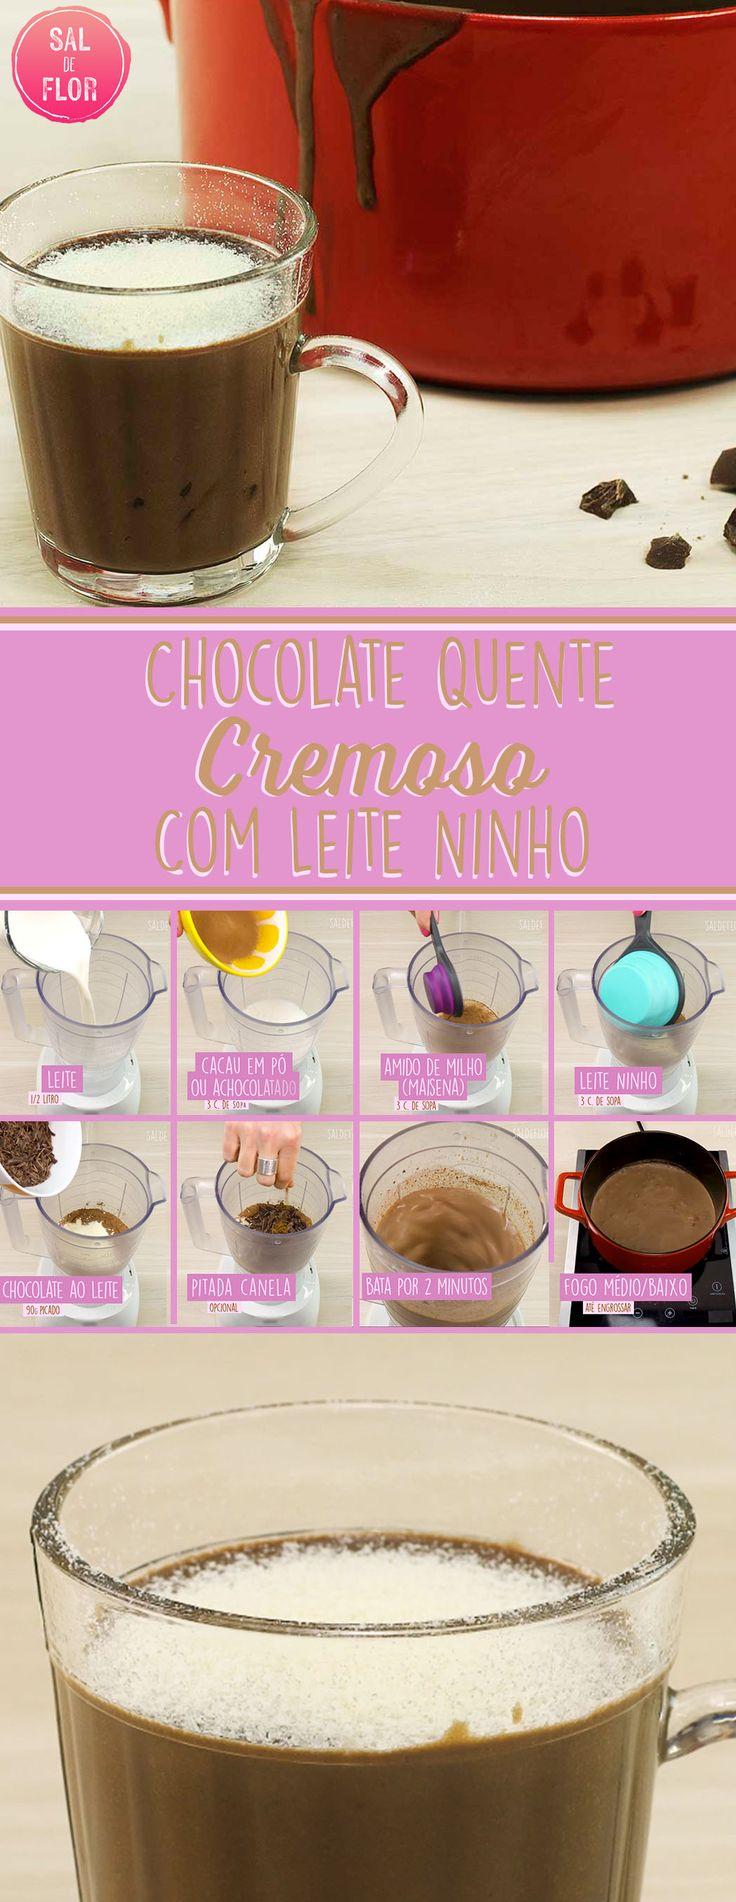 Chocolate quente super cremoso com leite ninho. Fica maravilhosos!!